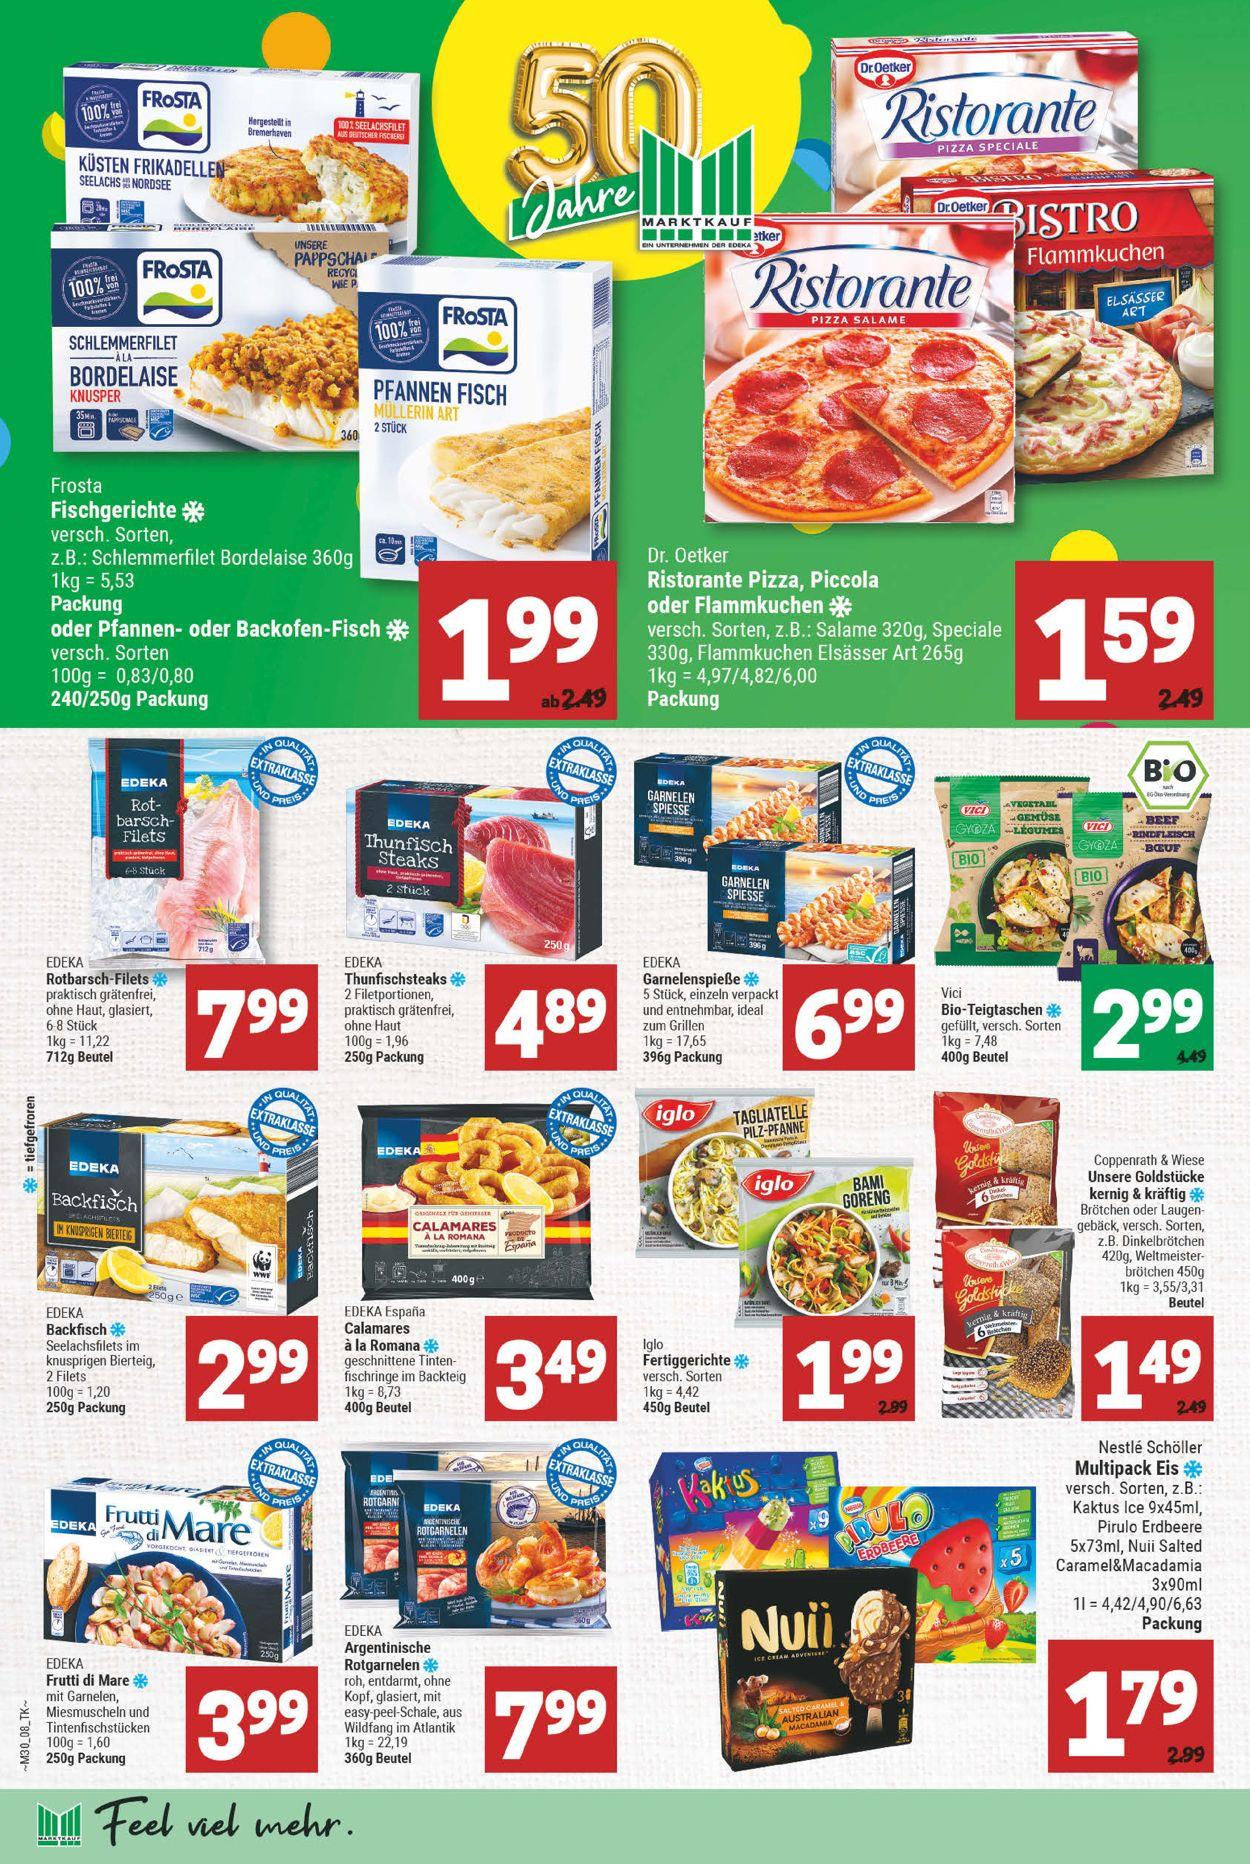 Marktkauf Prospekt - Aktuell vom 26.07-31.07.2021 (Seite 8)